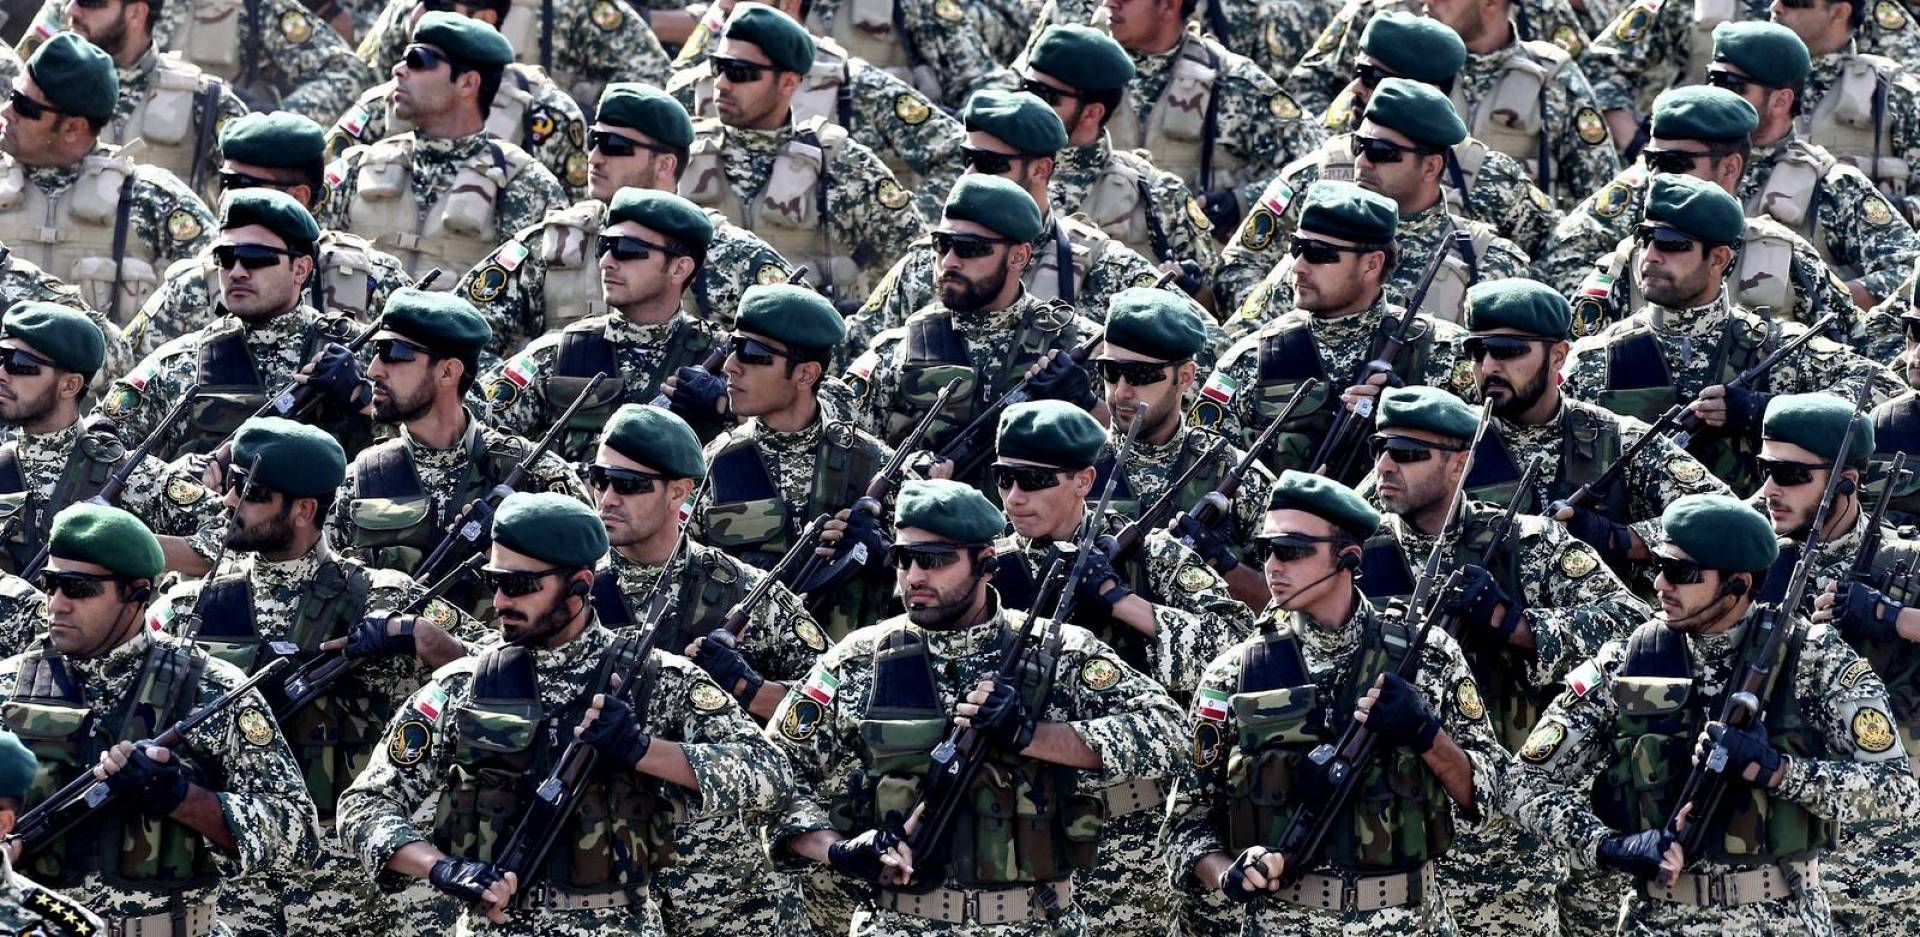 وسائل إعلام إيرانية: الجيش يبدأ مناورات عسكرية قرب الحدود الإيرانية ـ التركية